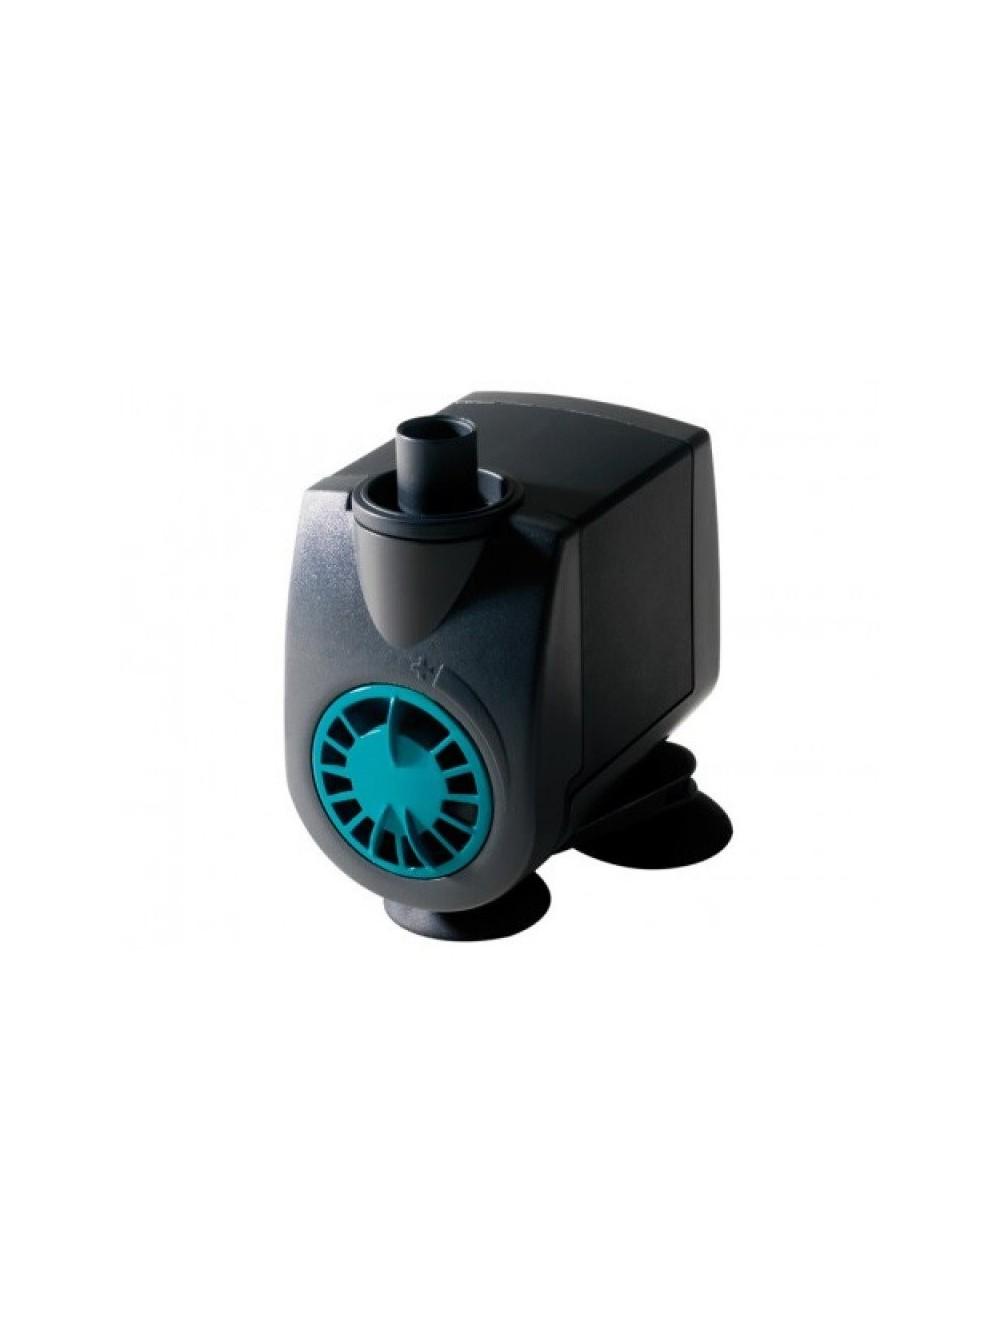 Newa jet nj 600 pompa per acquari aquazoomania shop for Pompa sifone per acquari